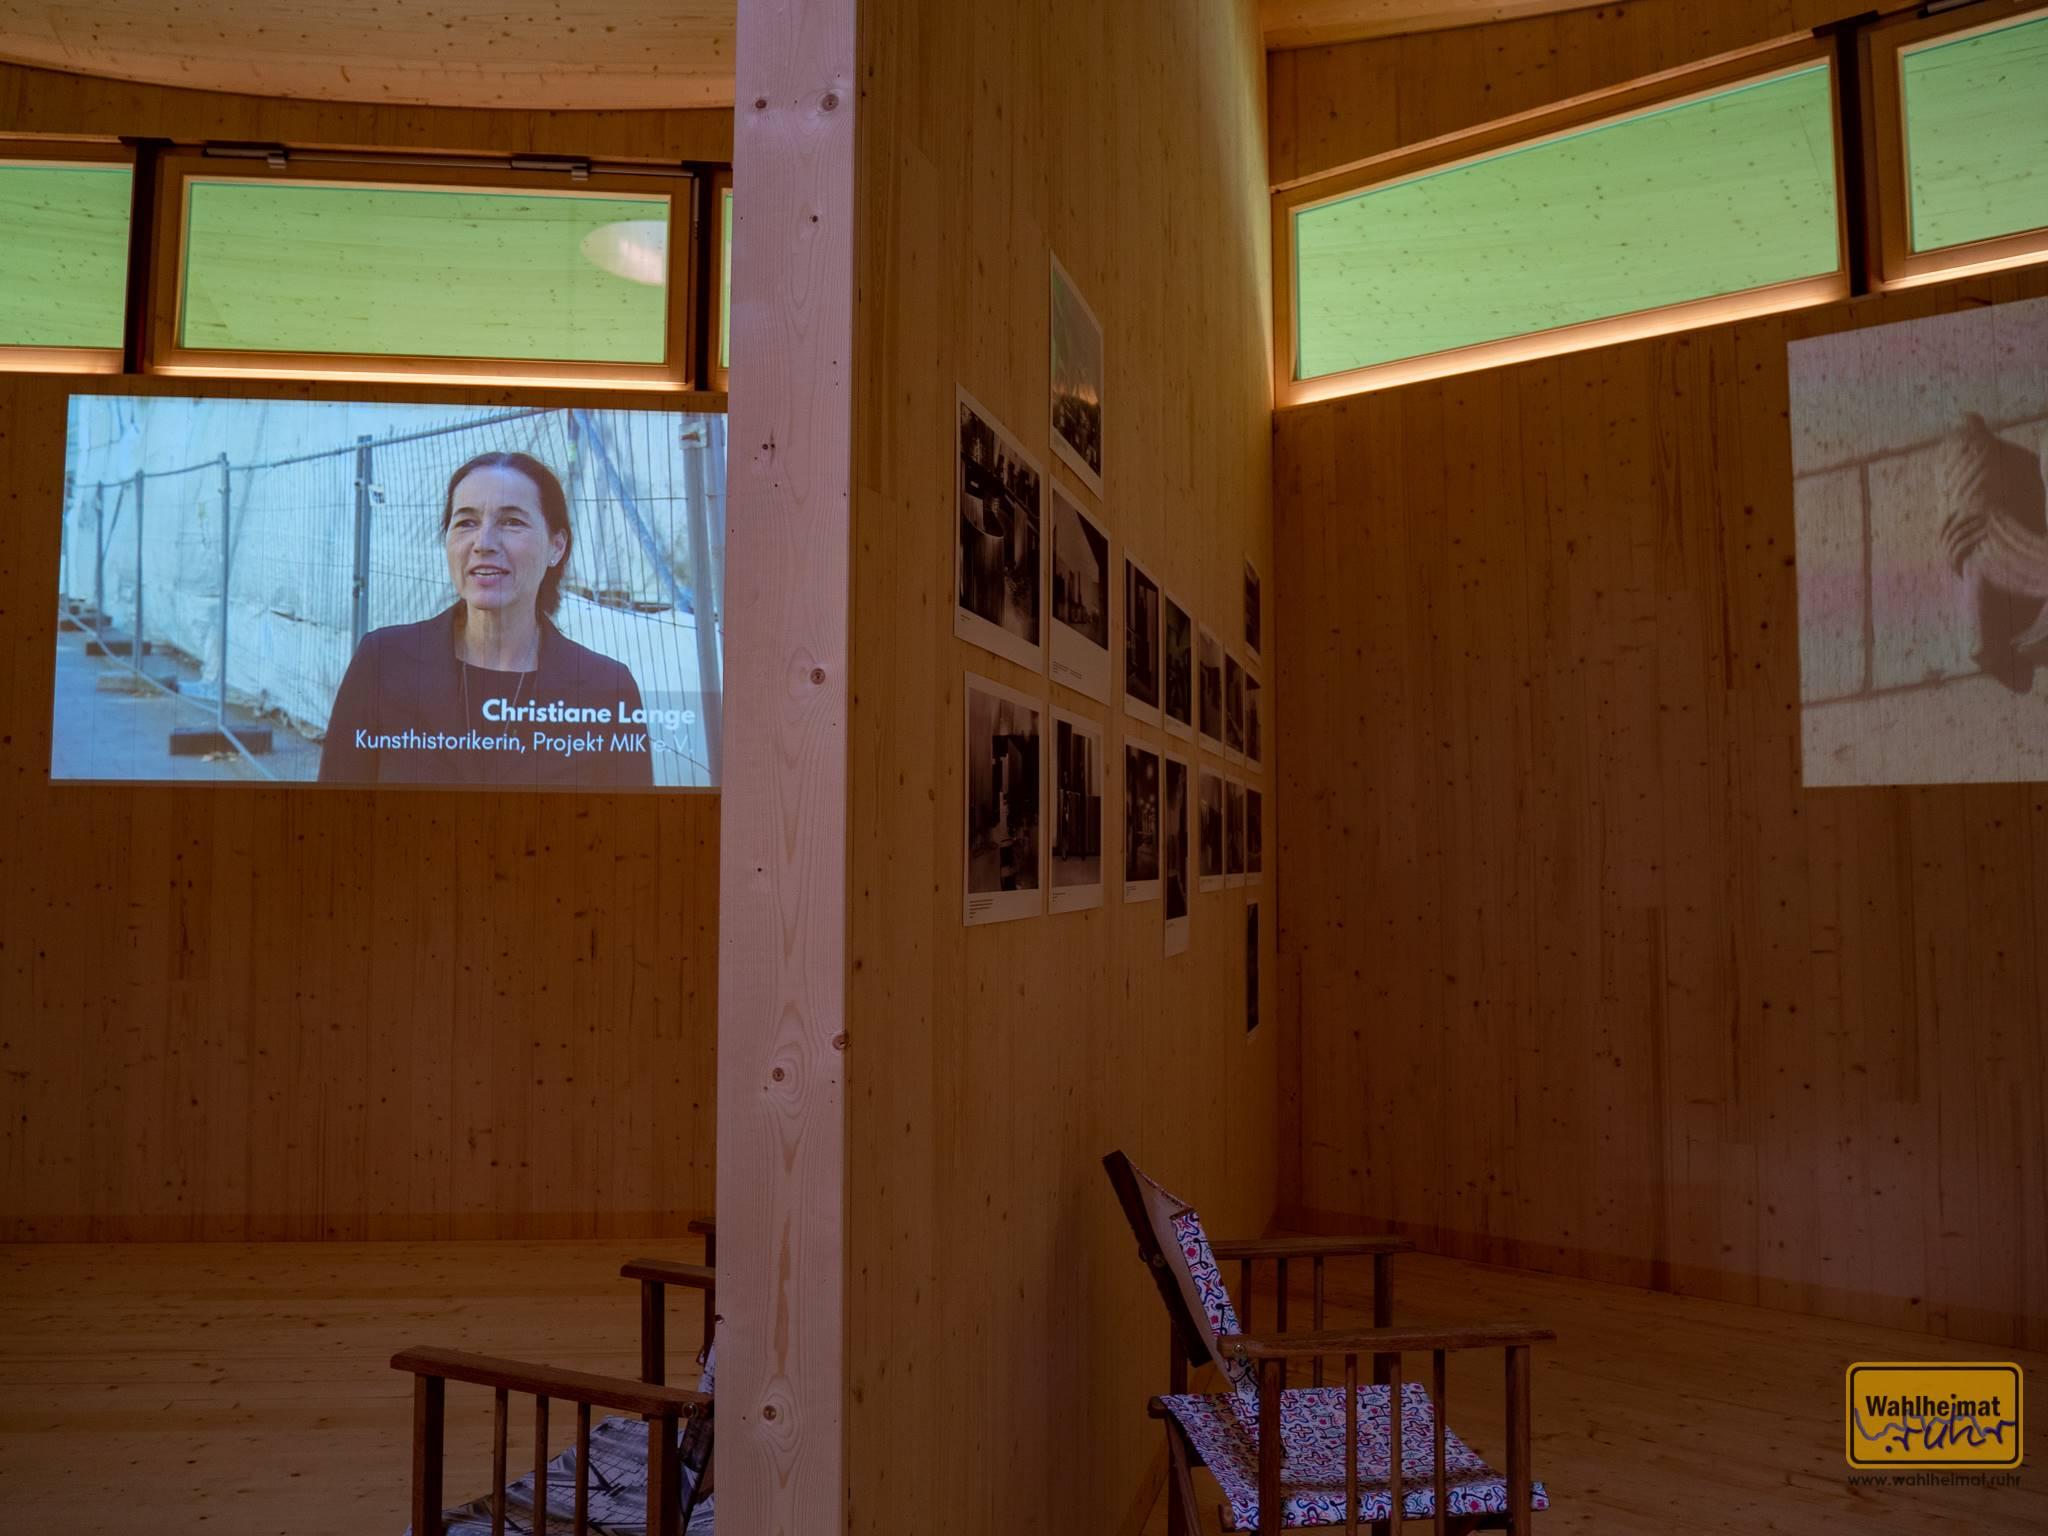 Christiane (hier im Schütte-Pavillon) ist die Enkelin des Bauherrn von Haus Lange (Bild kommt gleich noch). Die Kunsthistorikerin ist Vorsitzende des Vereins Mies van der Rohe in Krefeld (MIK) und Ikone der aktuellen Bauhaus-Szene in Krefeld.